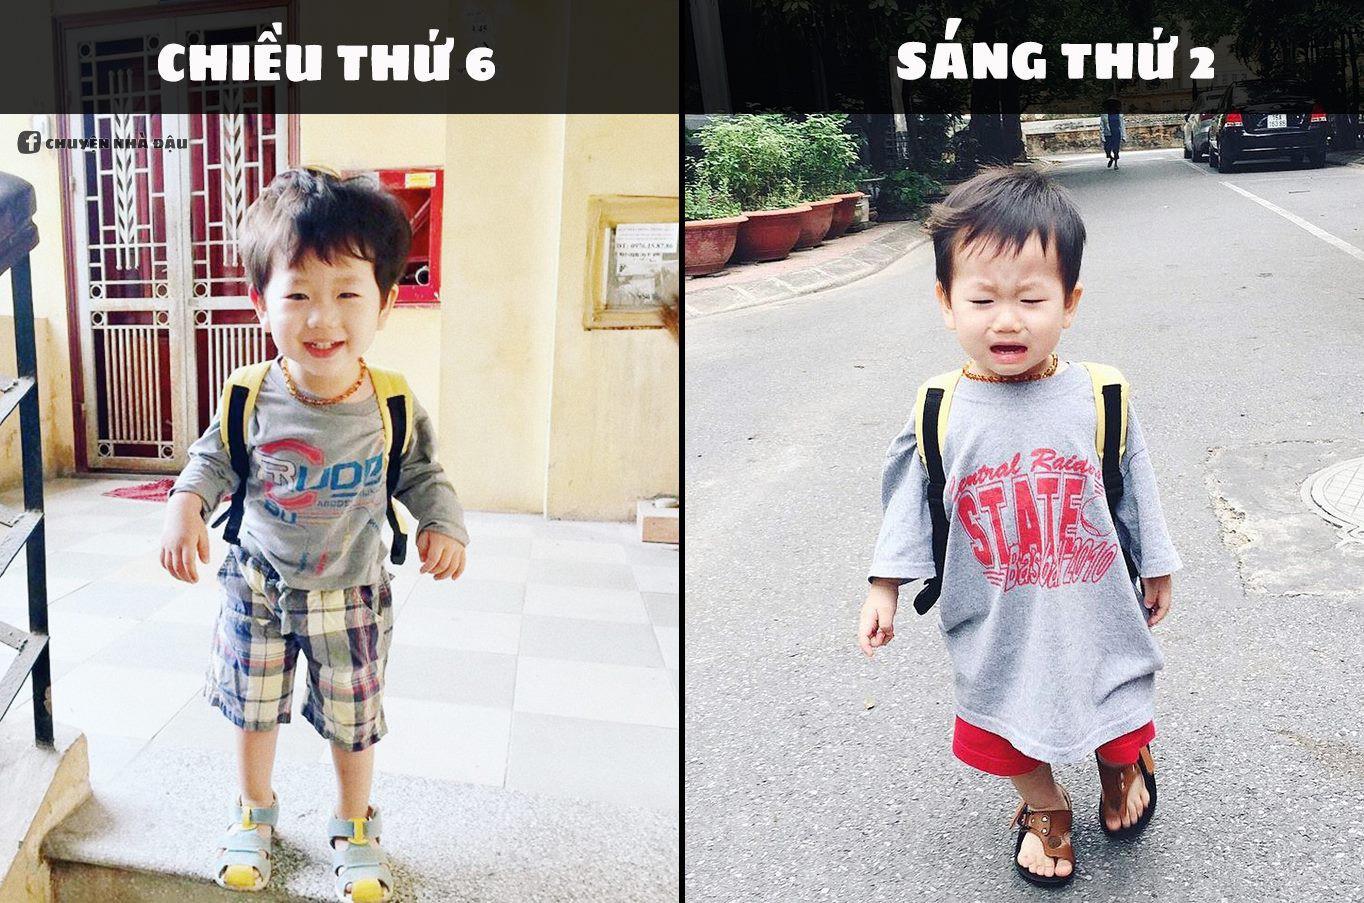 Bức ảnh chế meme nổi tiếng nhất của Đậu.